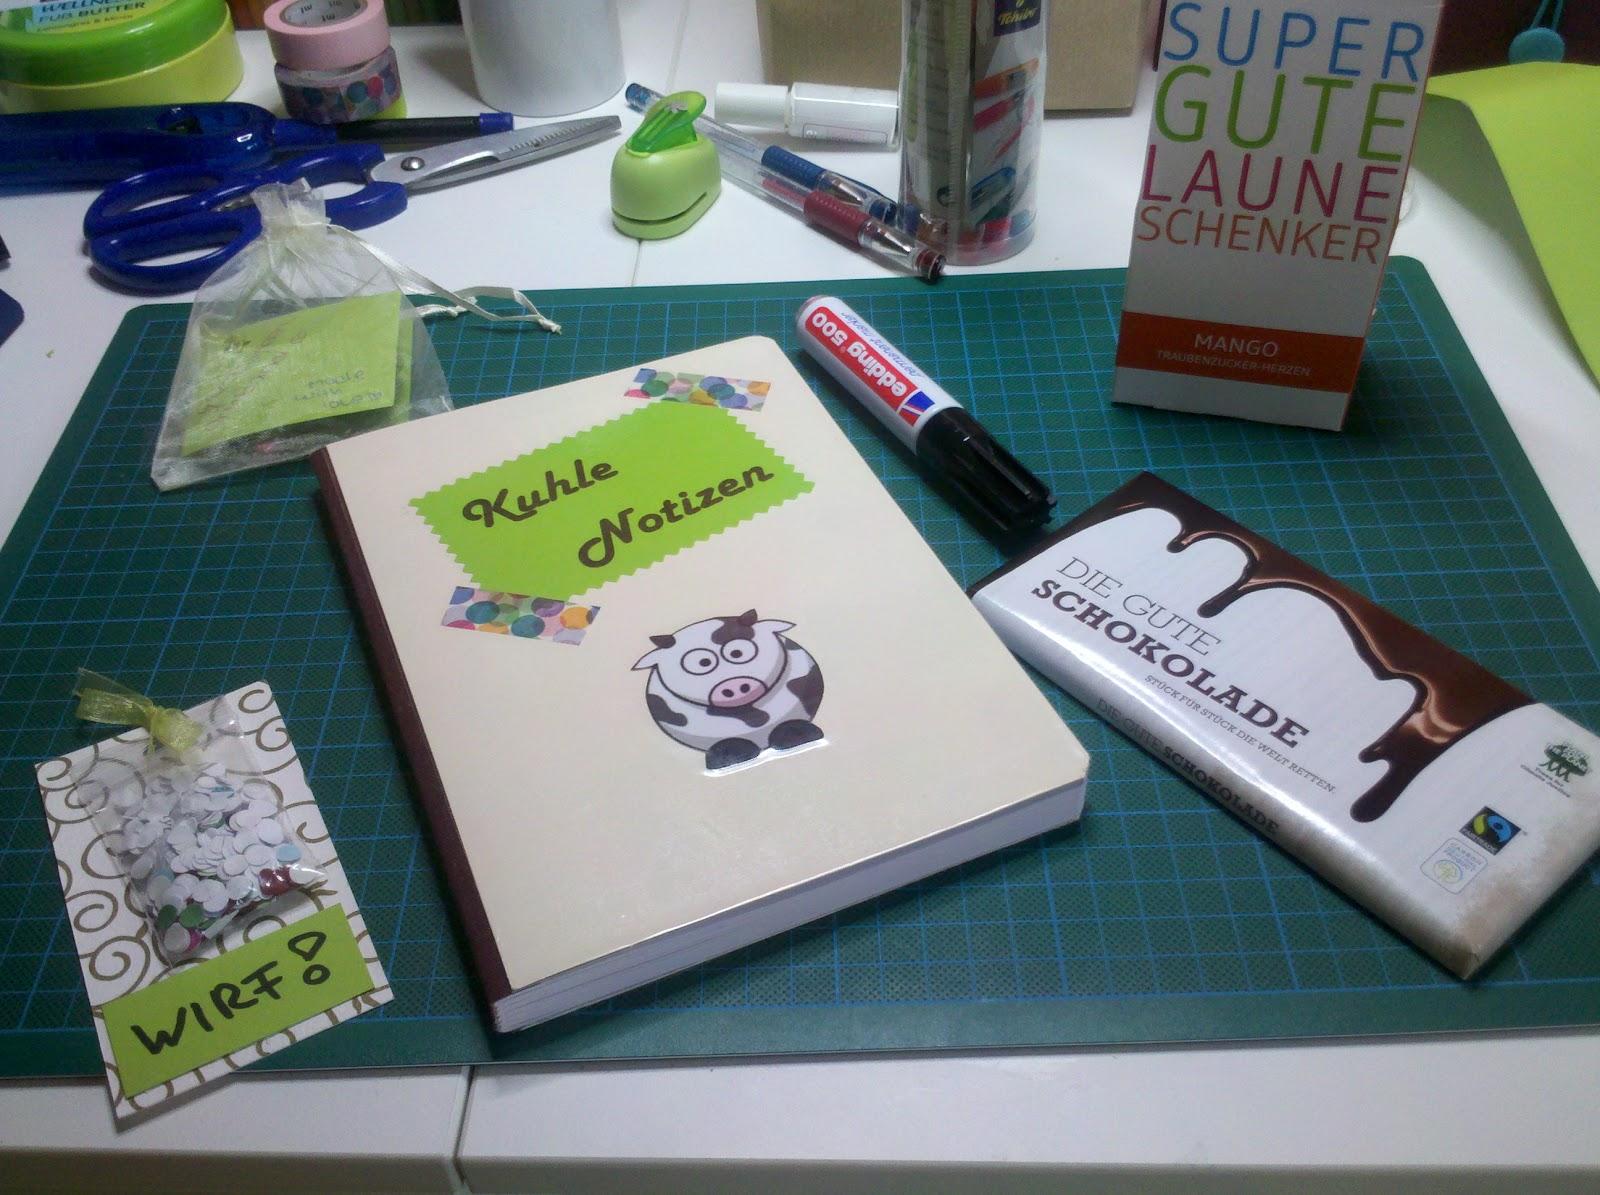 Geburtstagsgeschenk: Selfmade